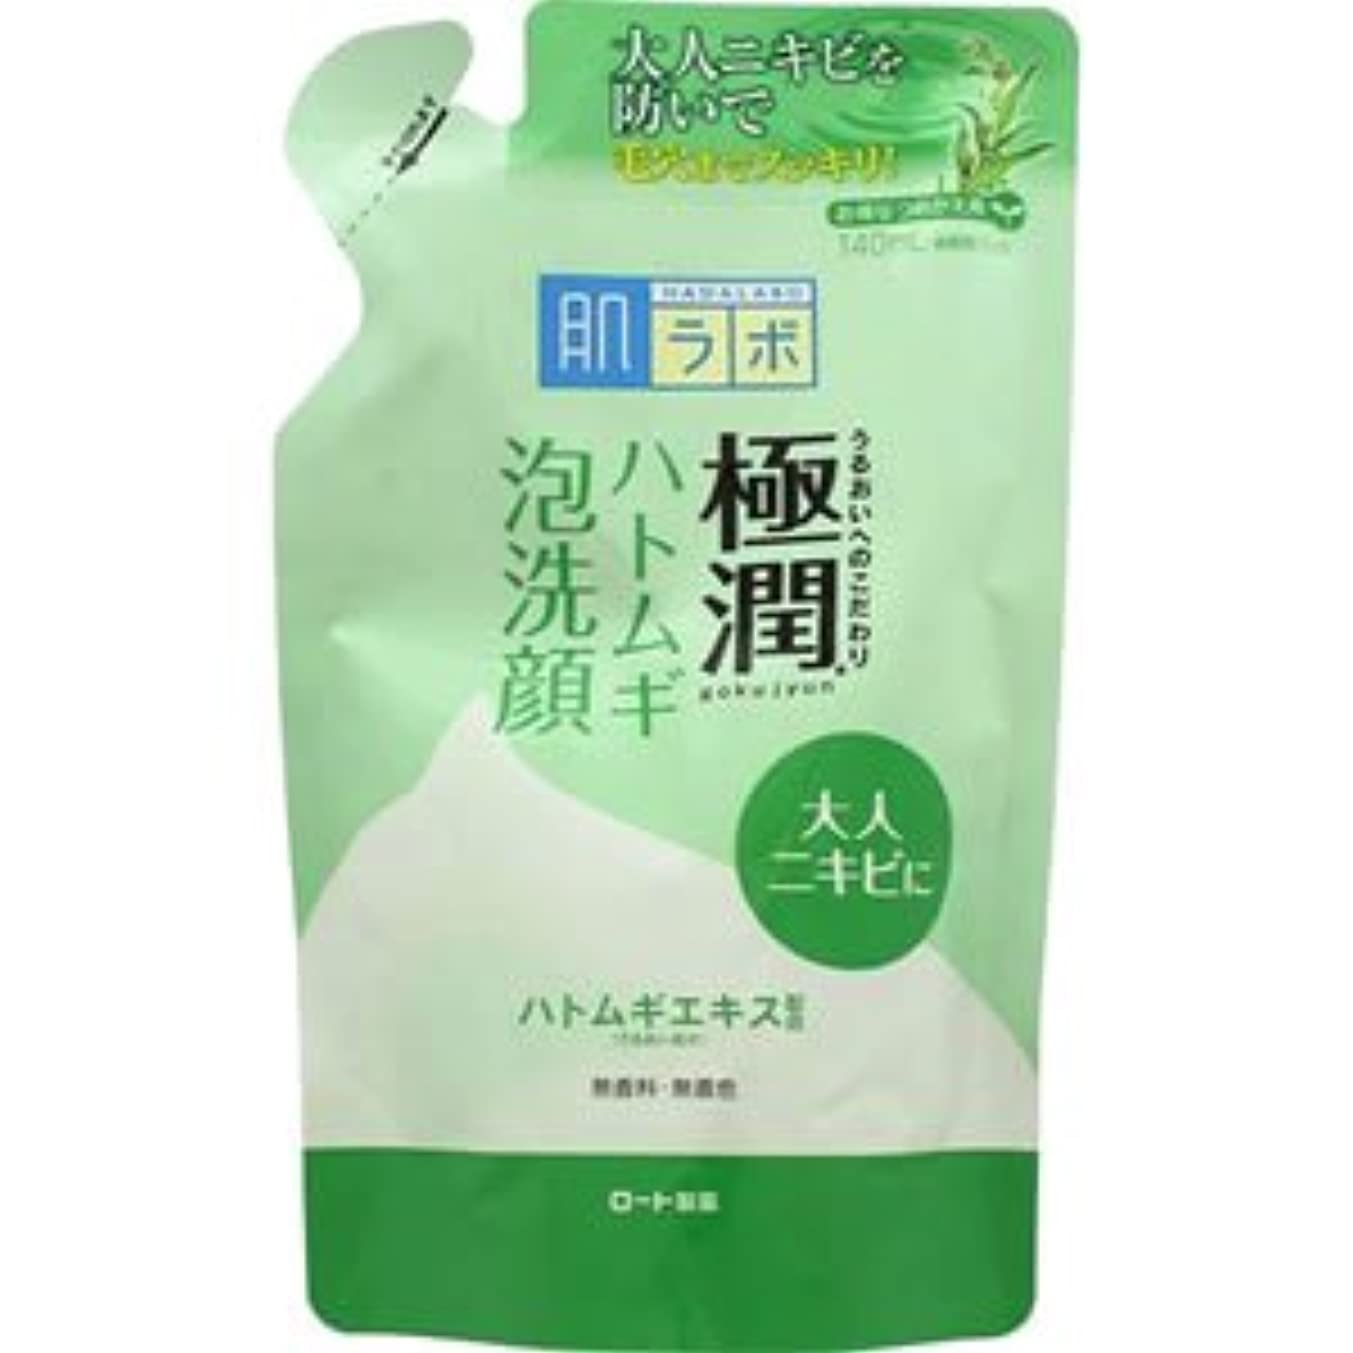 気付くフロンティア根絶する(ロート製薬)肌研 極潤ハトムギ泡洗顔 140ml(つめかえ用)(お買い得3個セット)